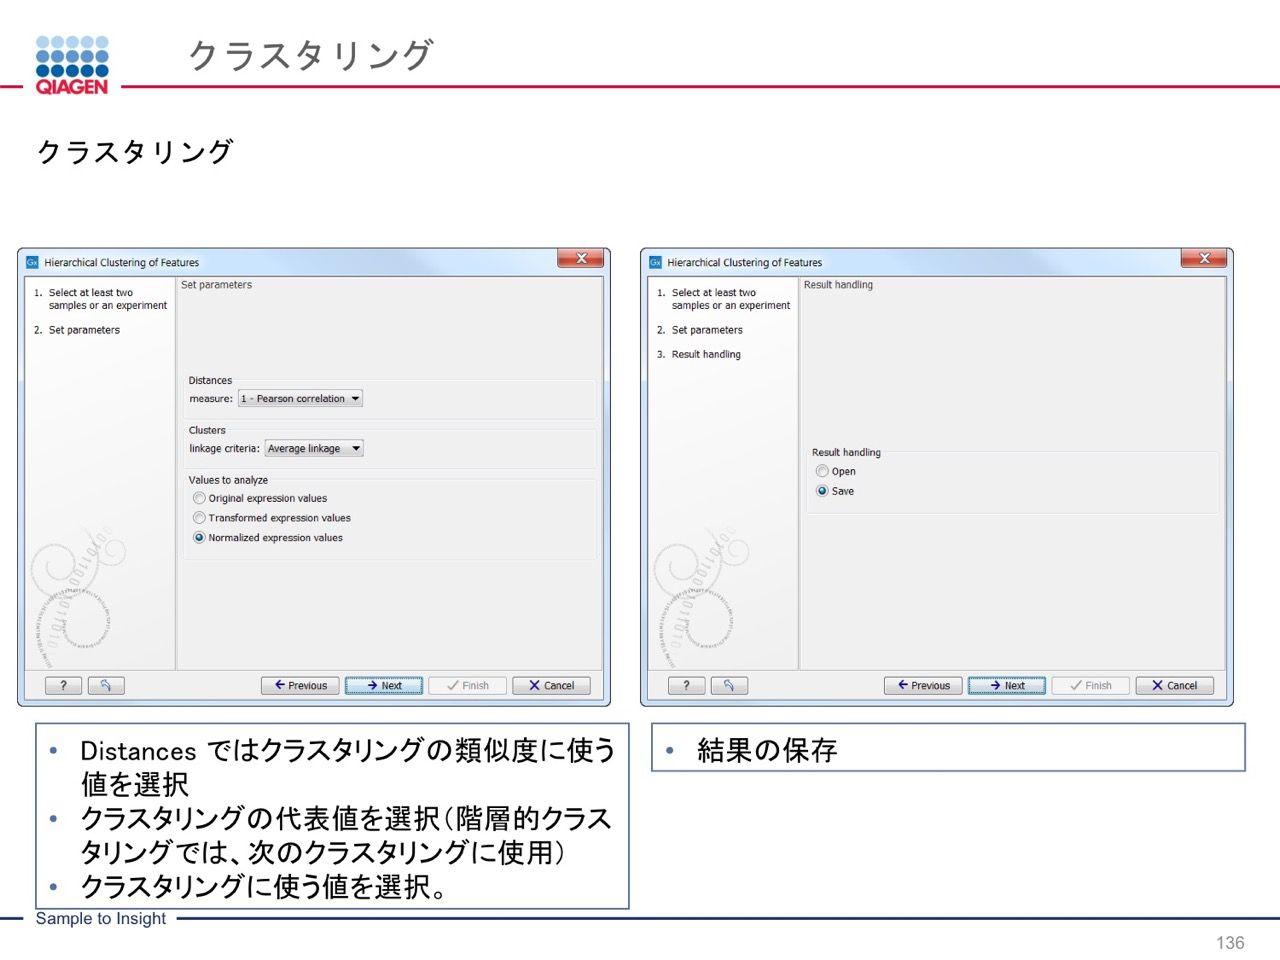 images/AJACSa2_miyamoto_136.jpg